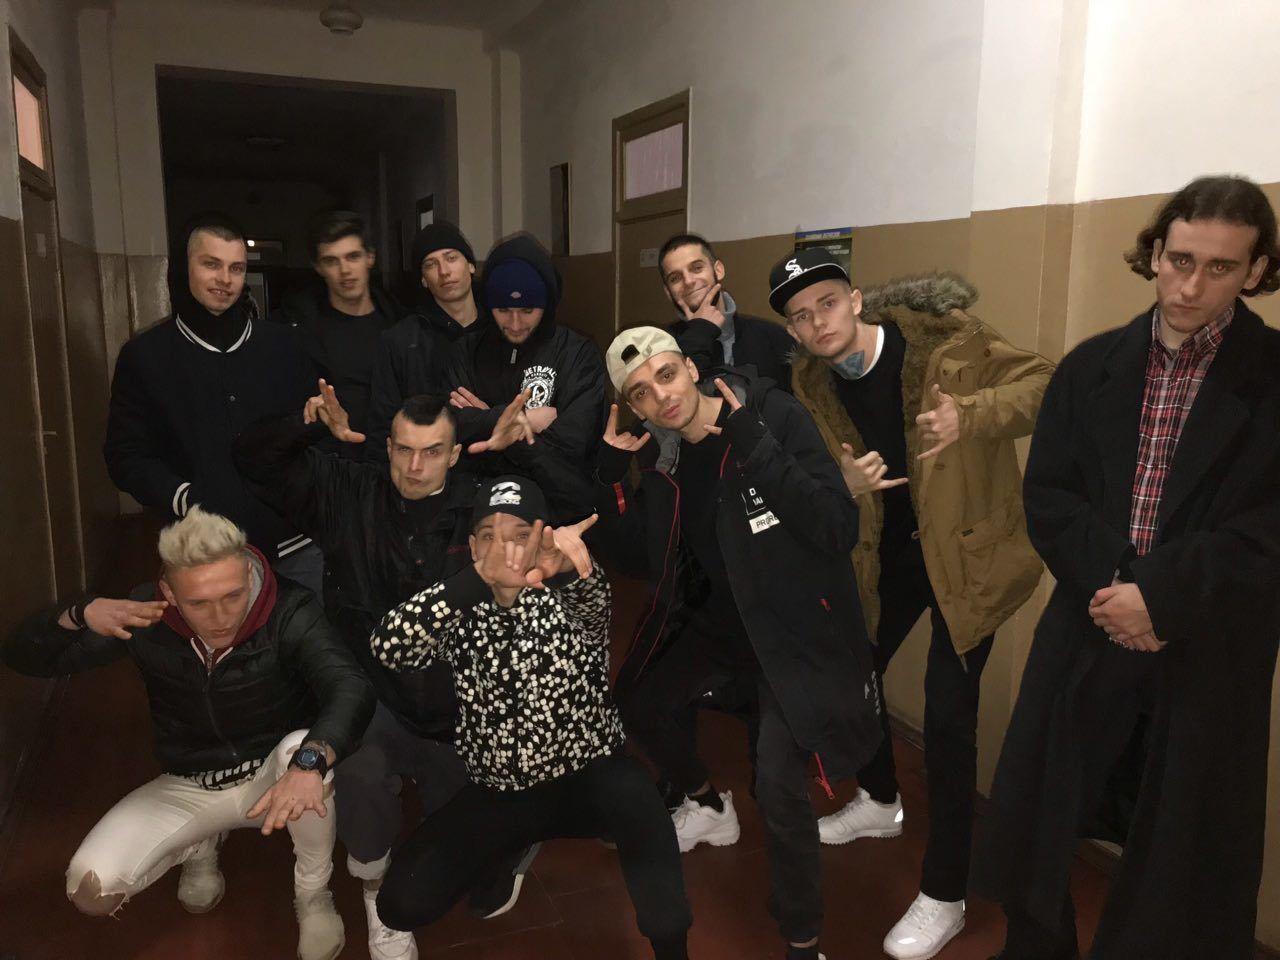 Задержанные во время облавы в клубе Jugendhub